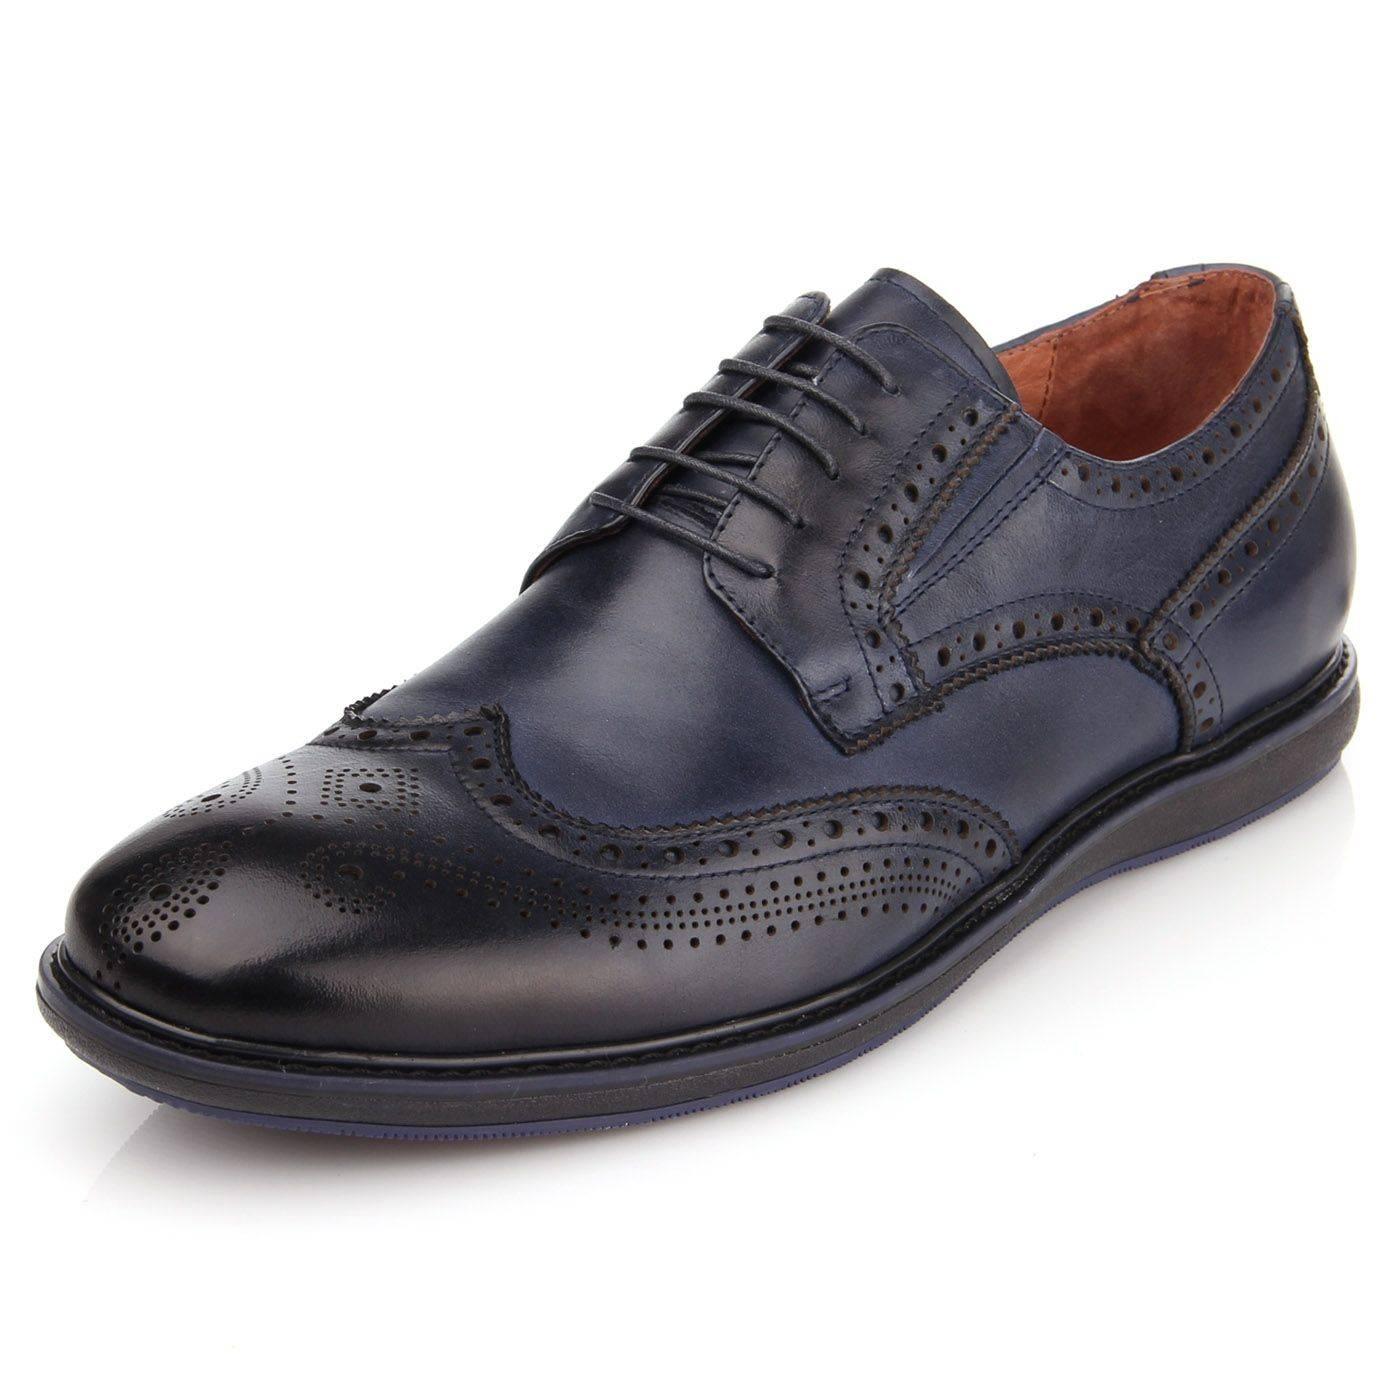 Туфли мужские ditto 4327 Синий купить по выгодной цене в интернет ... 7a6fffdba7e19